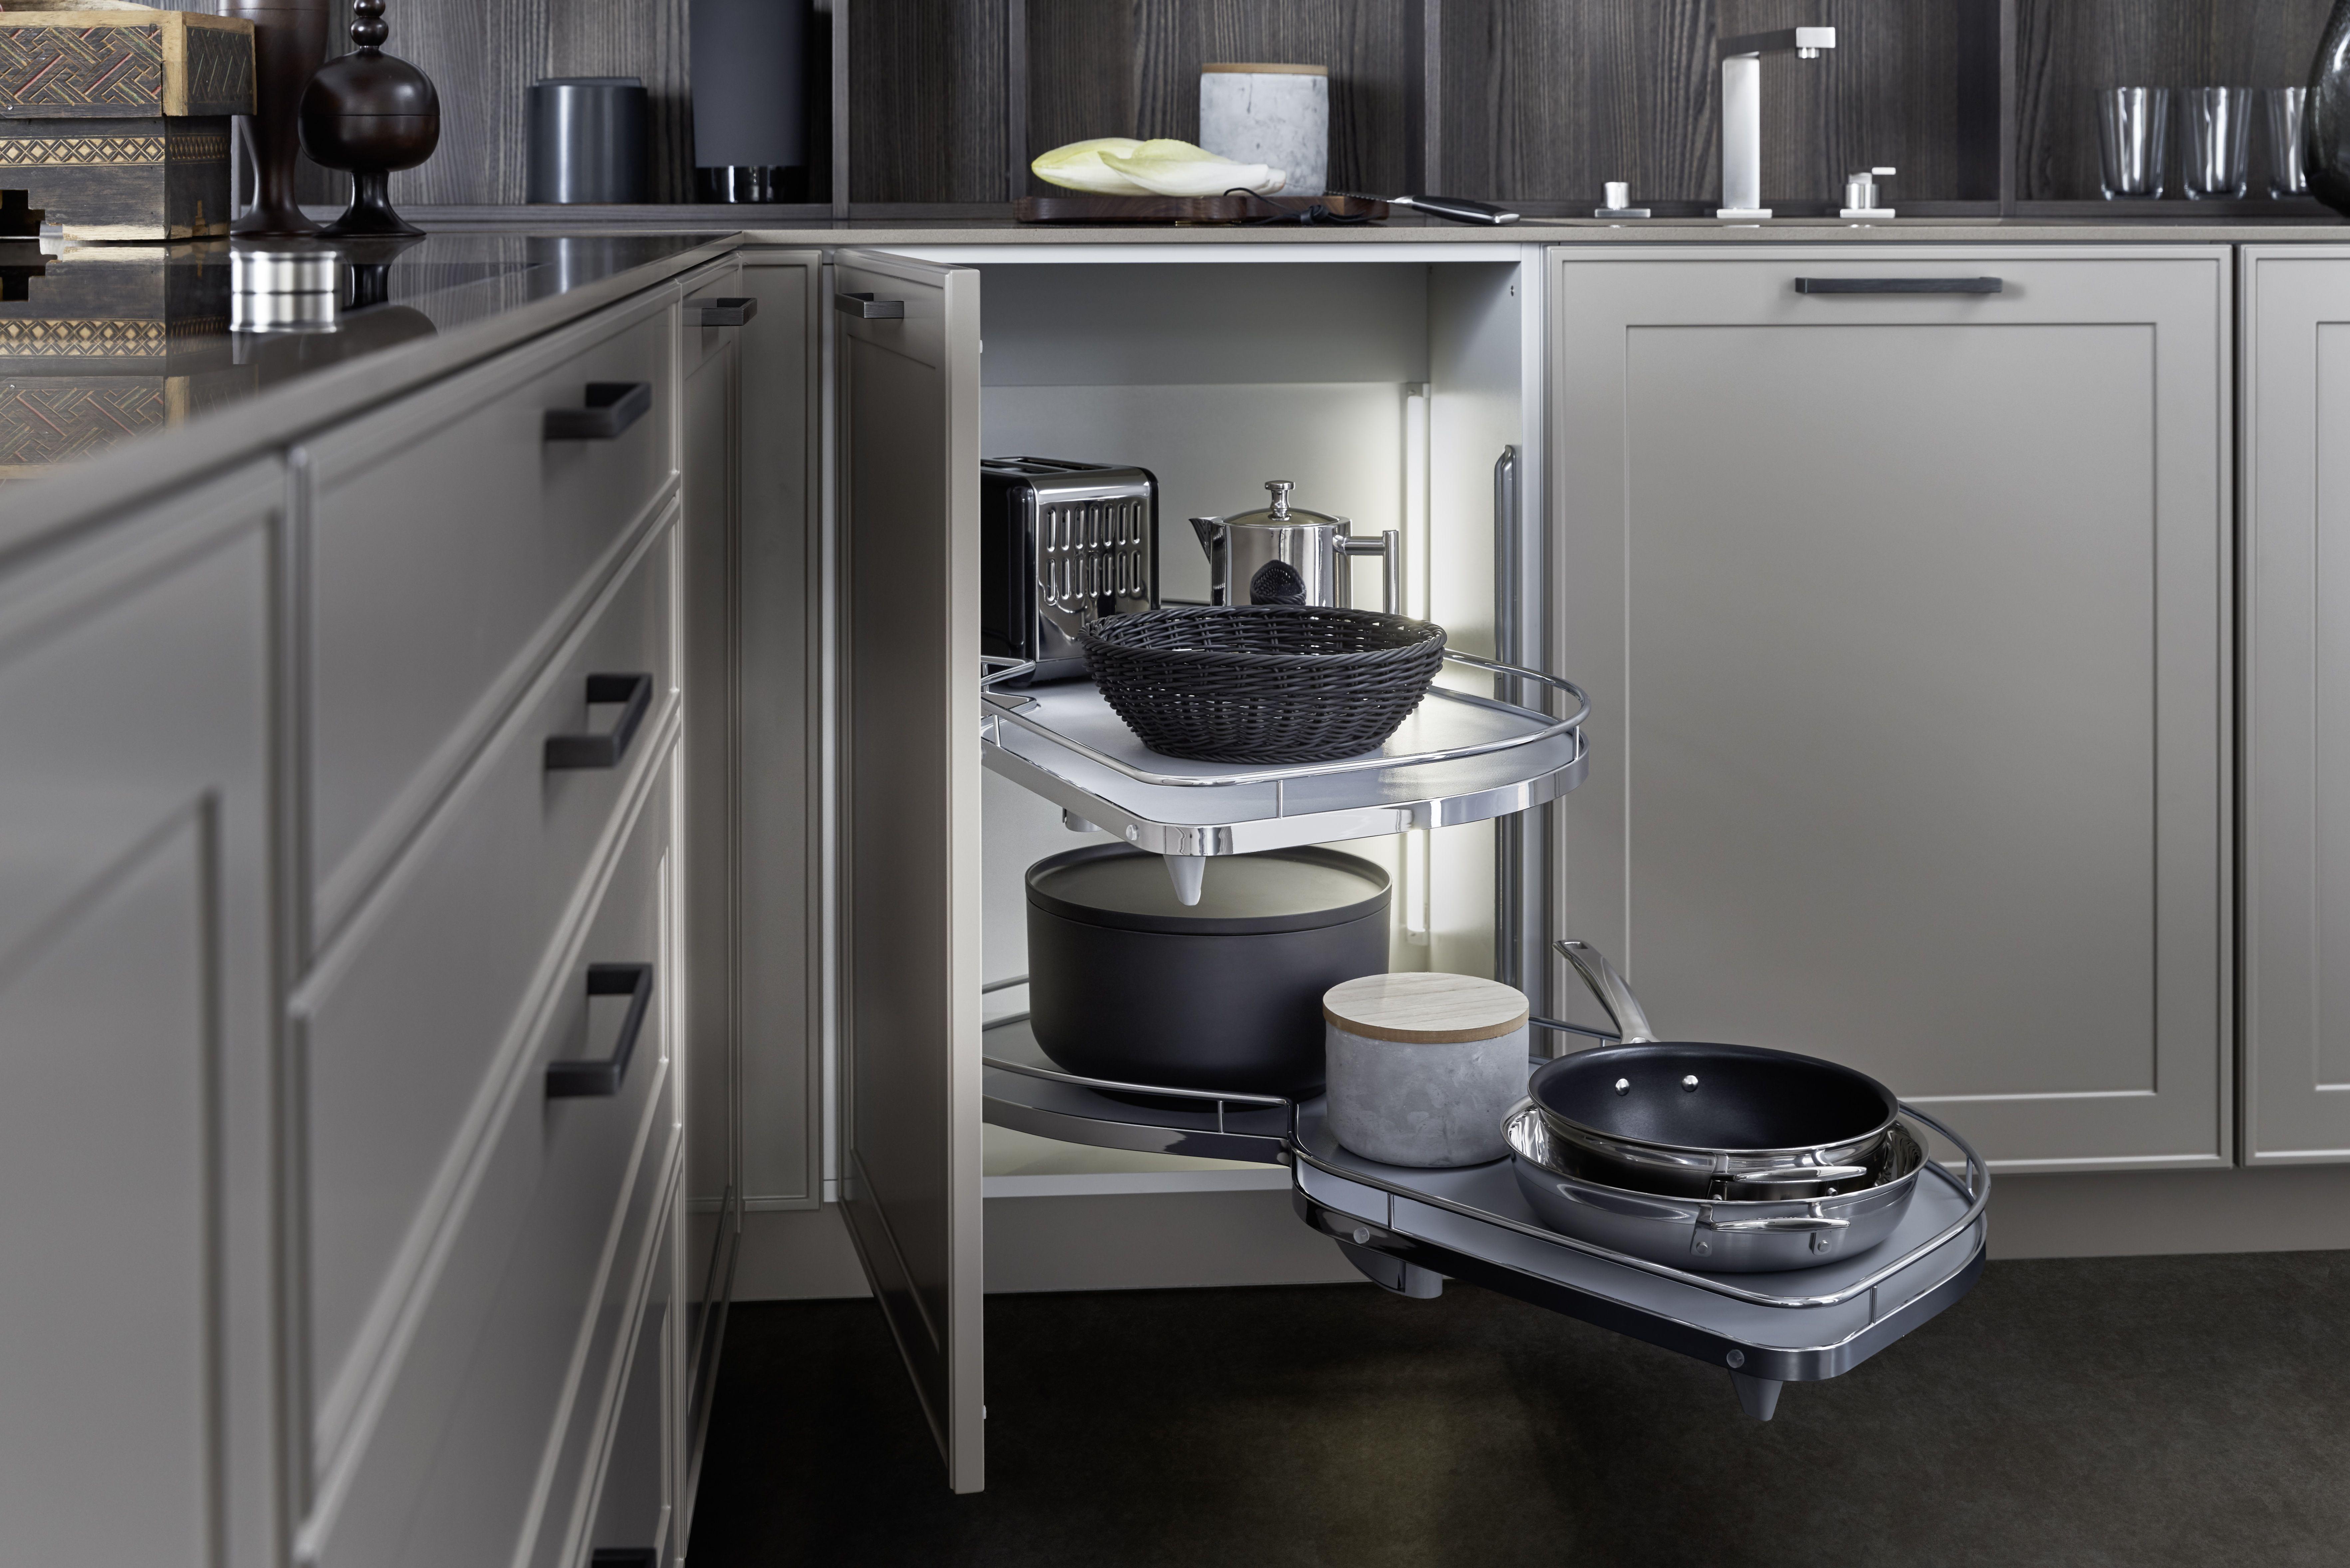 Leicht Kollektion Verve Topfaufbewahrung Landhausstil Landhauskuche Zeitlos Modern Moderne Kuchenideen Kuchen Layouts Stilvolle Kuche